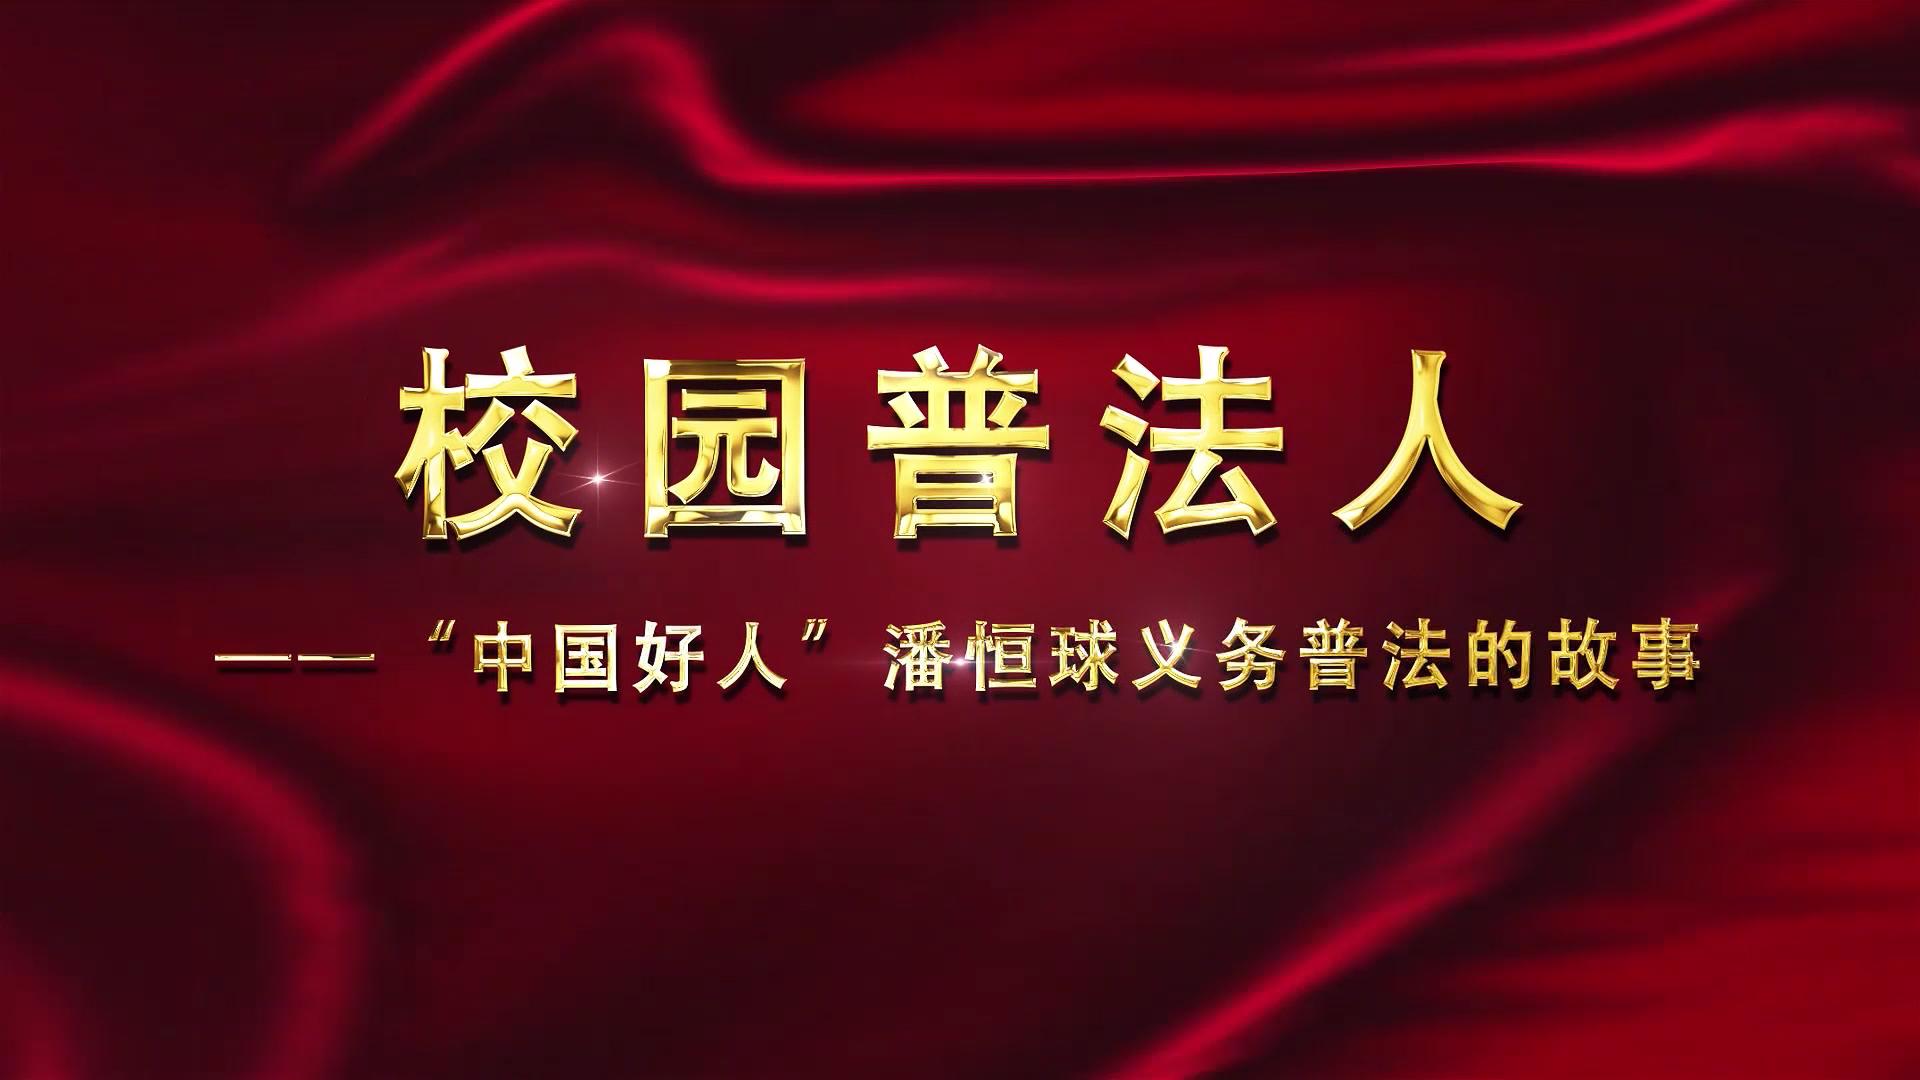 中国好人潘恒球[00_00_15][20191016-172935].png